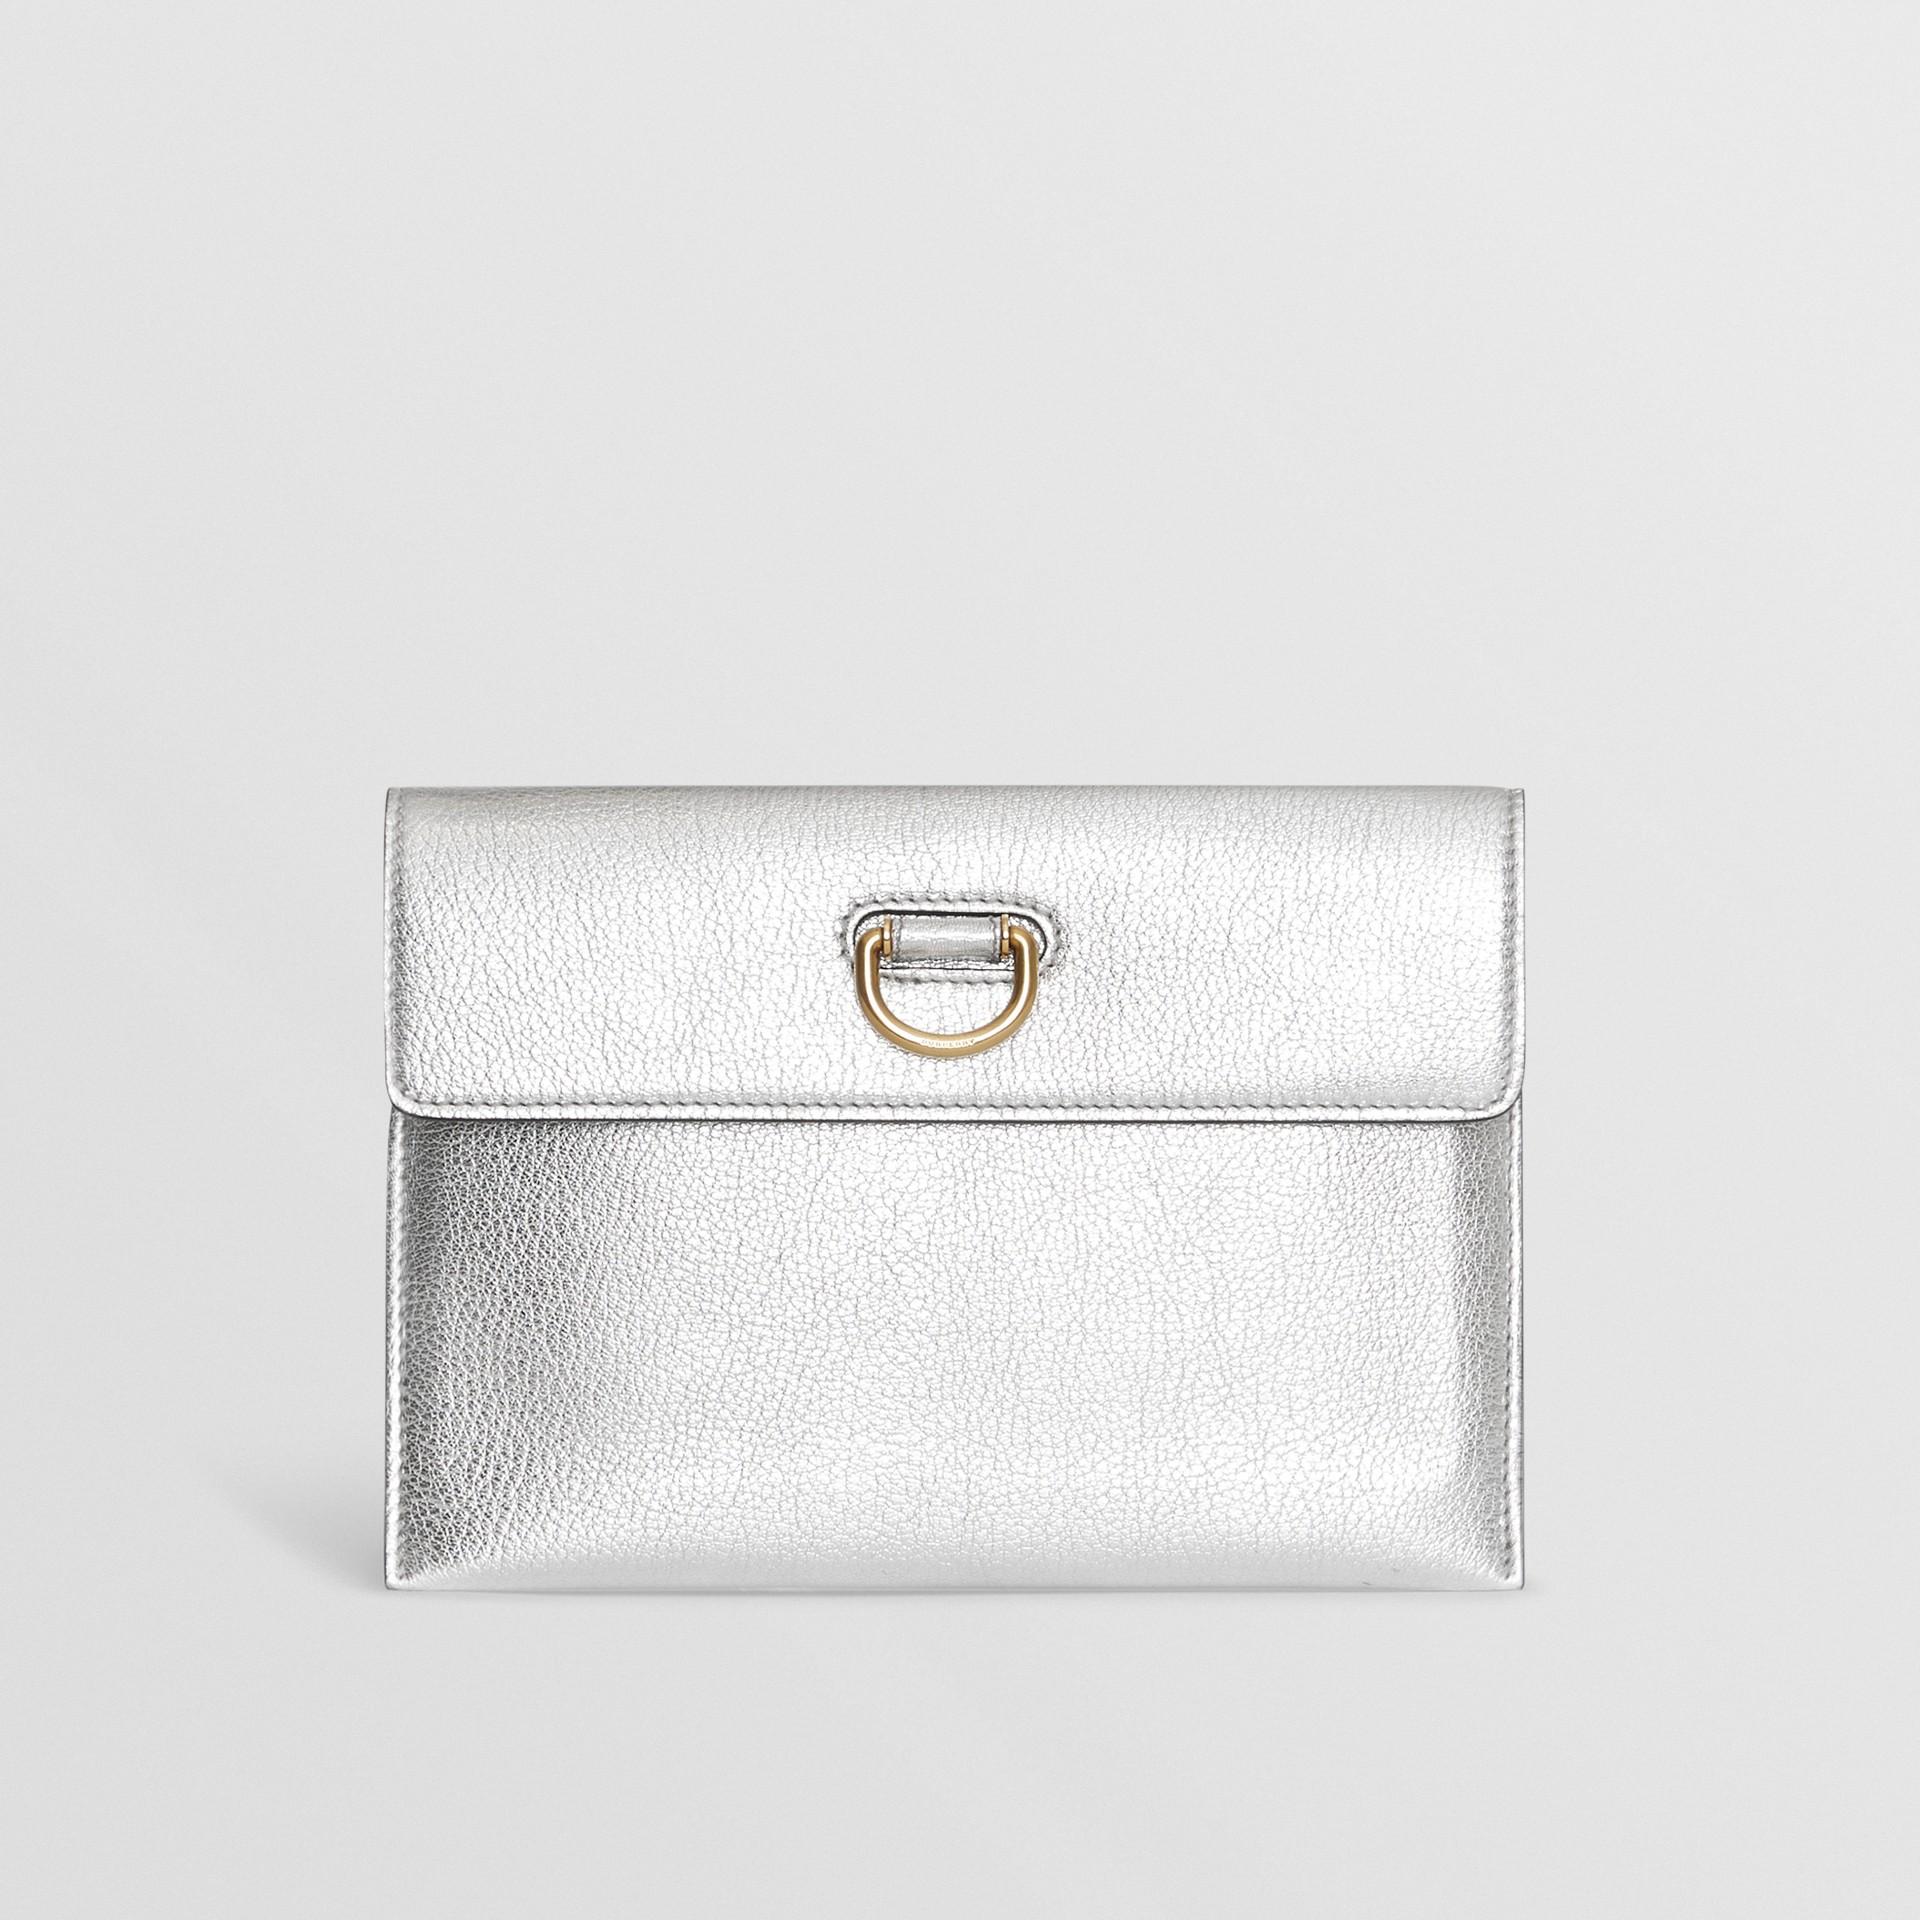 Bolsa pouch de couro metalizado com argola em D e porta-moedas (Prateado) - Mulheres | Burberry - galeria de imagens 0